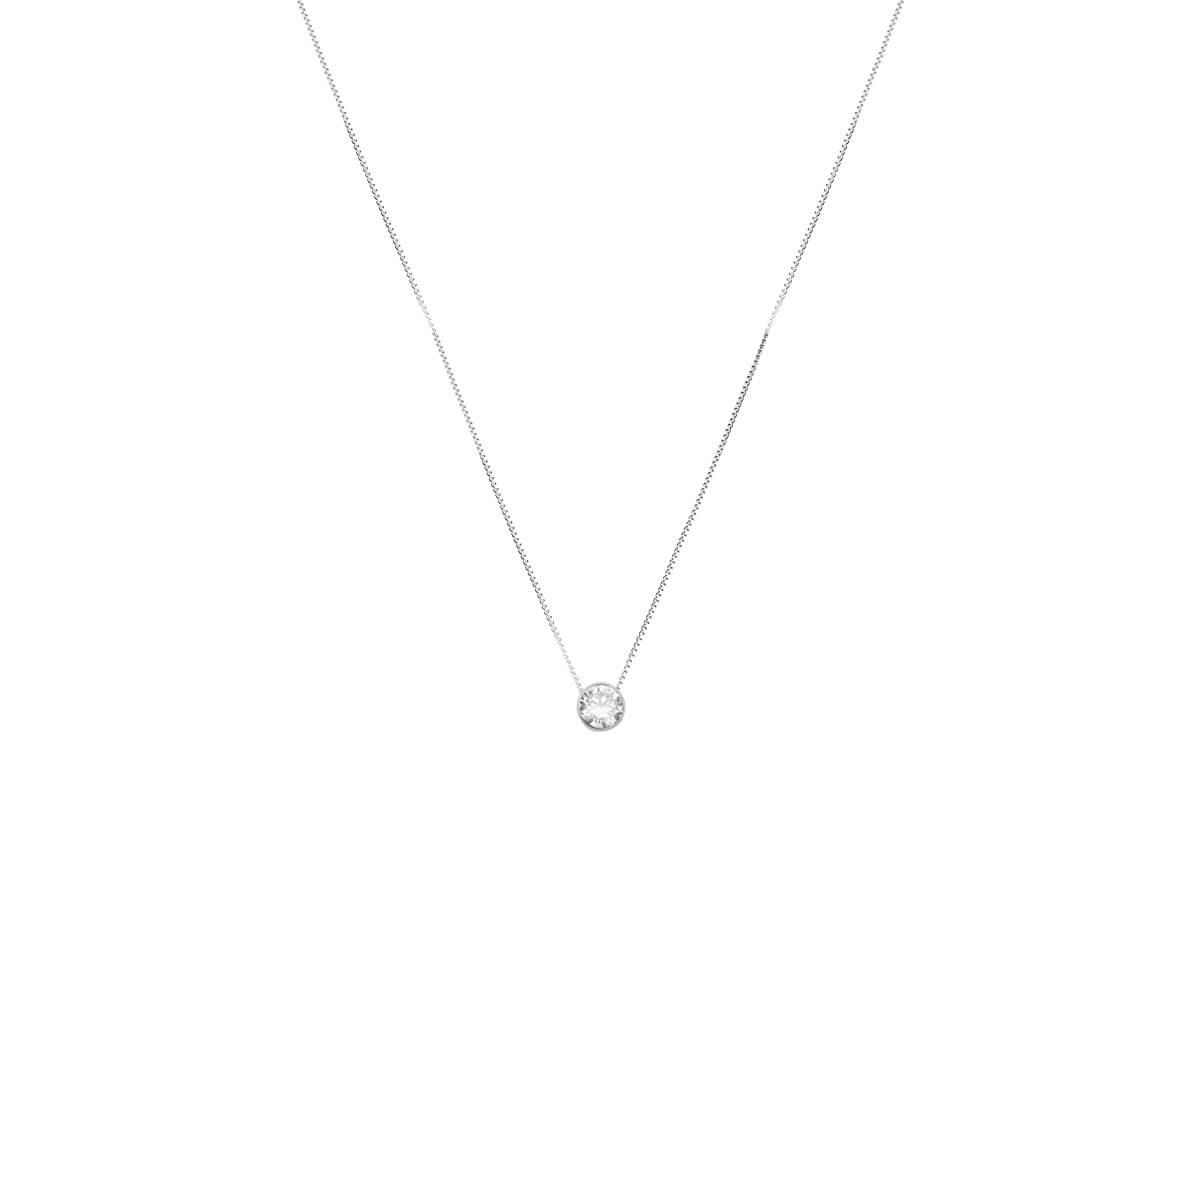 d0604976359df Colar Lux com Pingente Ponto de Luz Prata 925 - New Bijoux